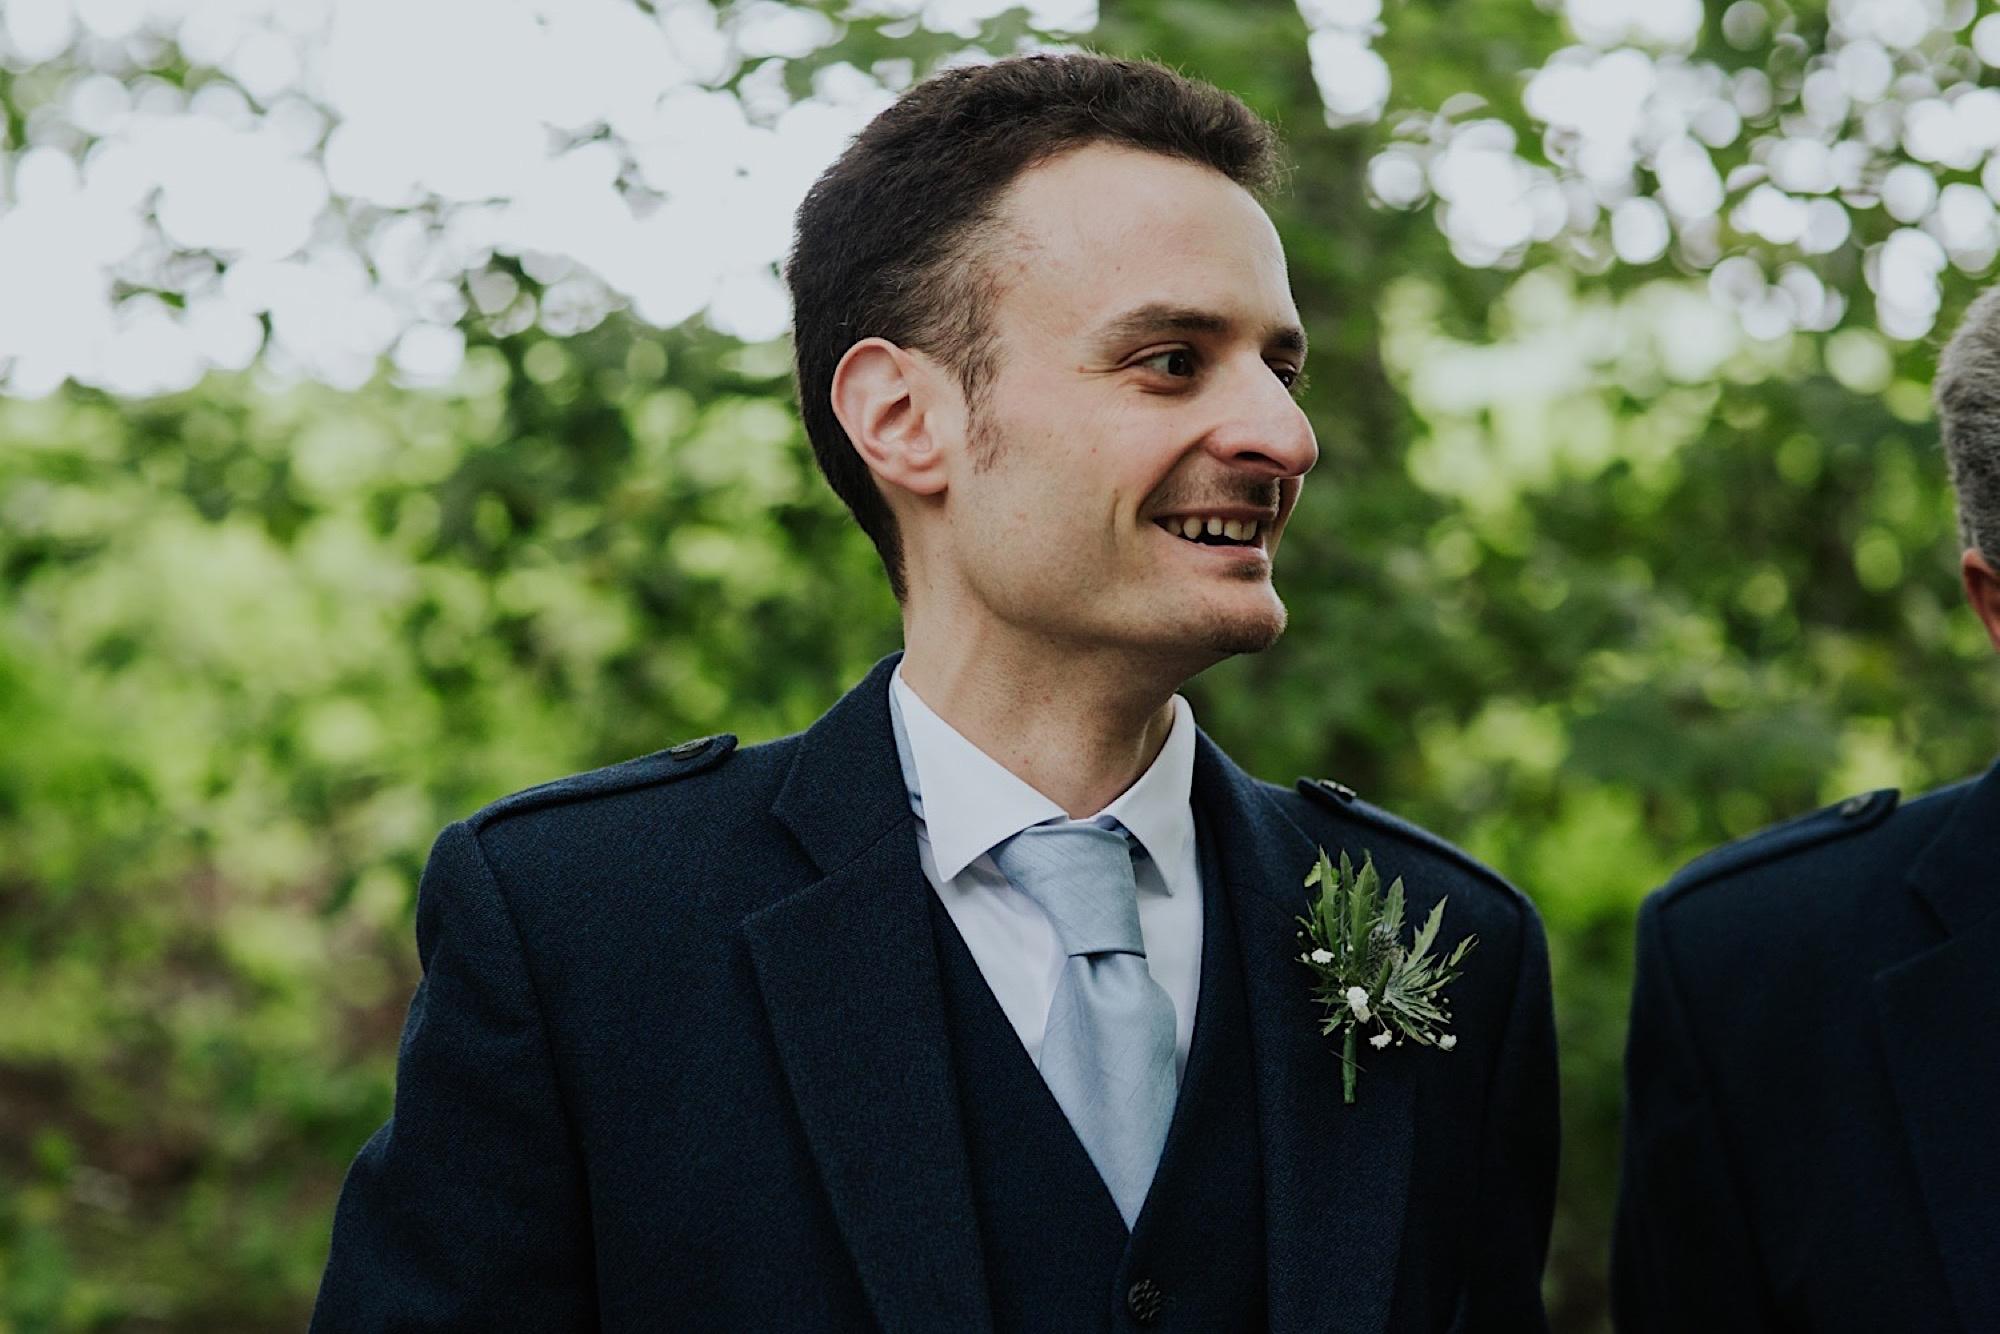 italian elopement wedding